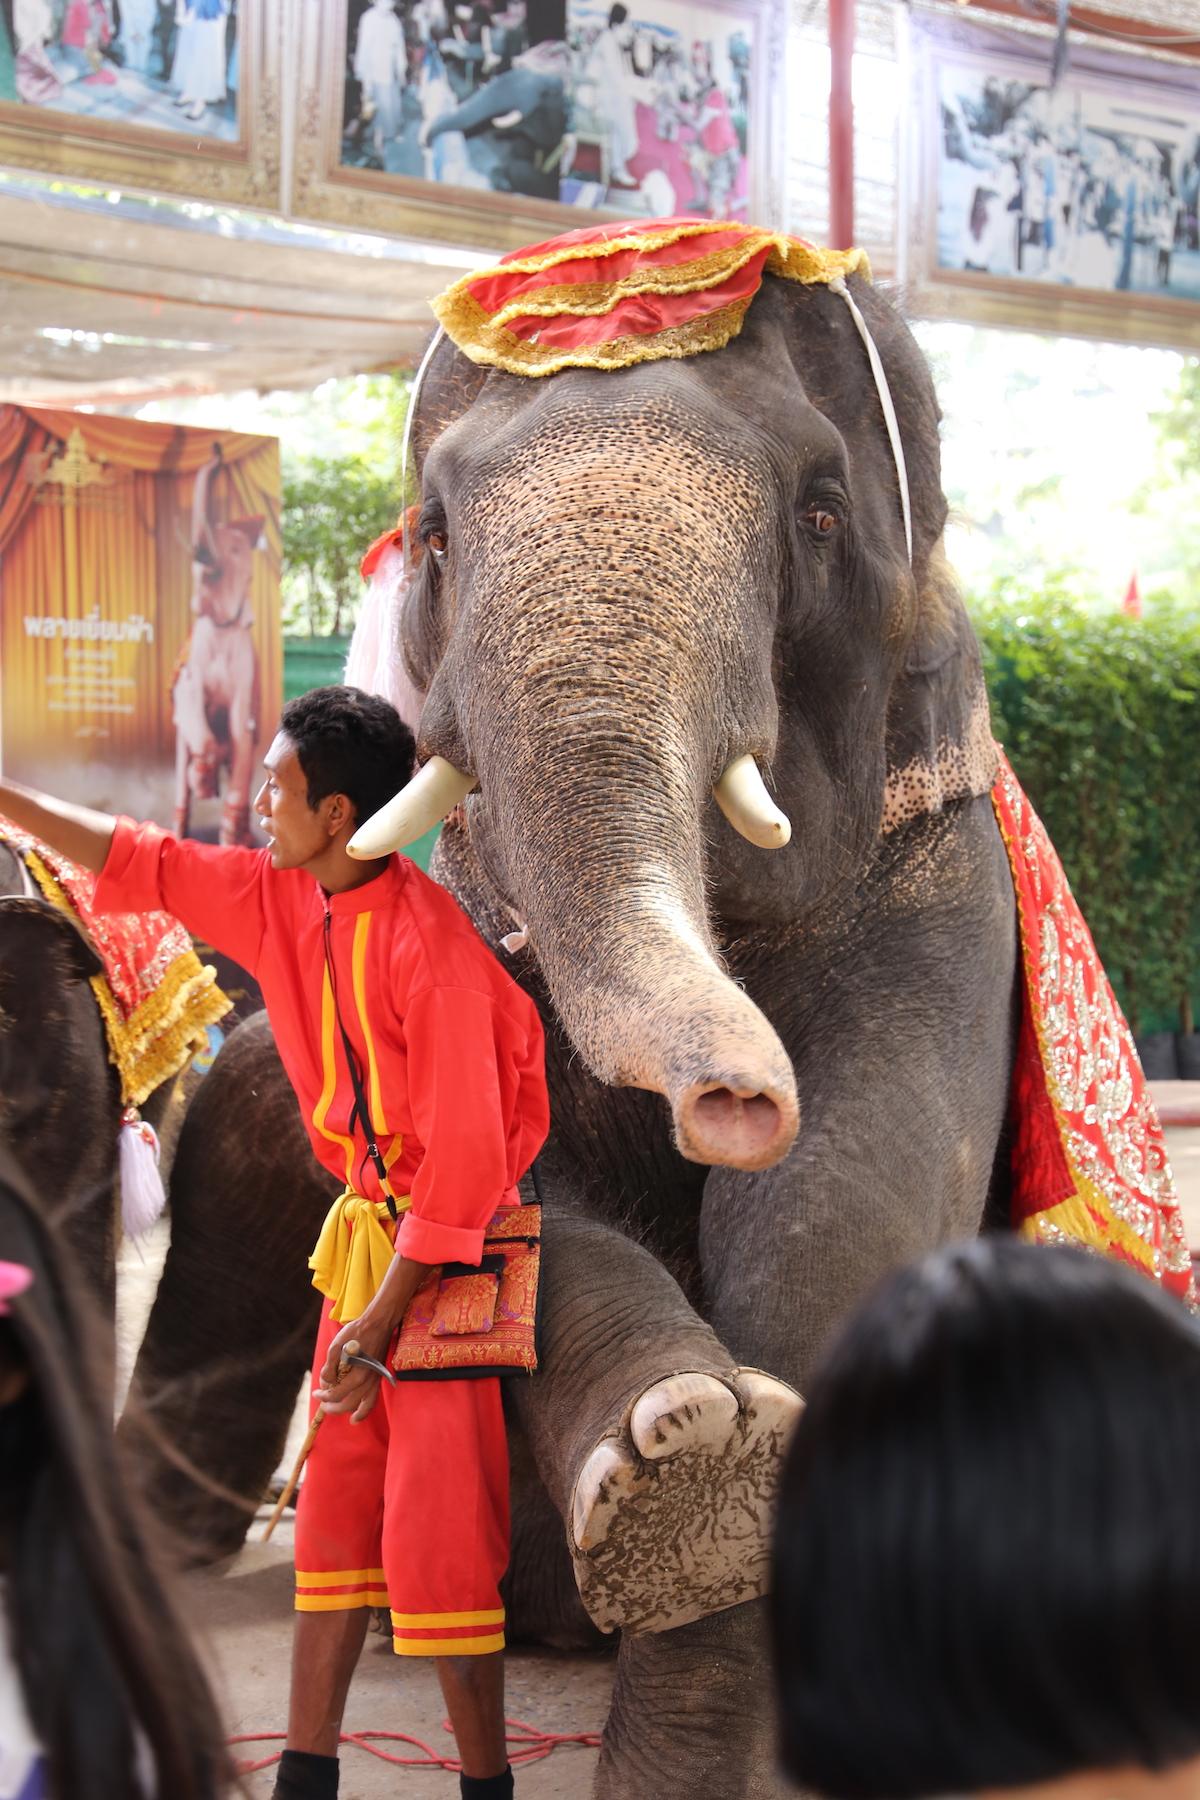 Show de elefantes em Ayutthaya, na Tailândia. (Foto: Nathalia Tavolieri / Viagem em Detalhes)